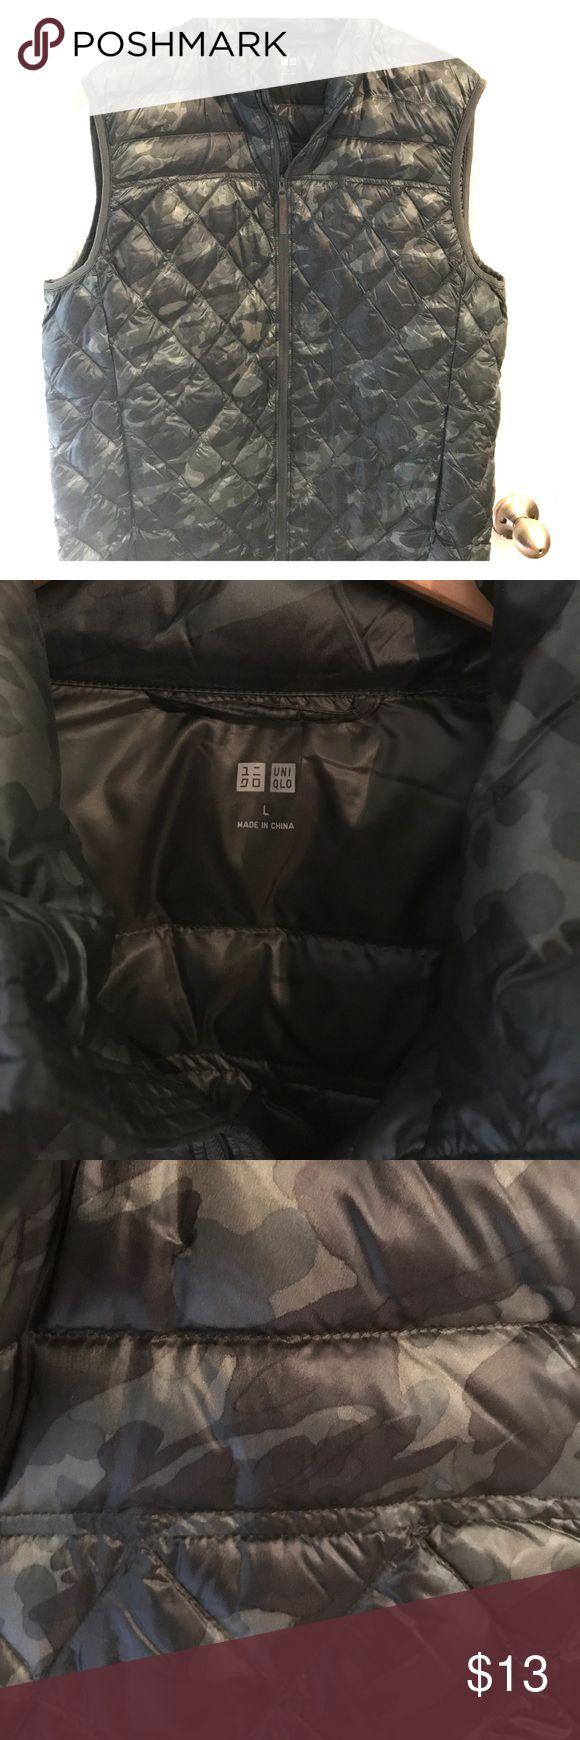 Uniqlo Men's Light Puffer Vest Men's Uniqlo vest. Size large. Worn once. Color is dark green but photos show the faint camo pattern. Uniqlo Jackets & Coats Vests